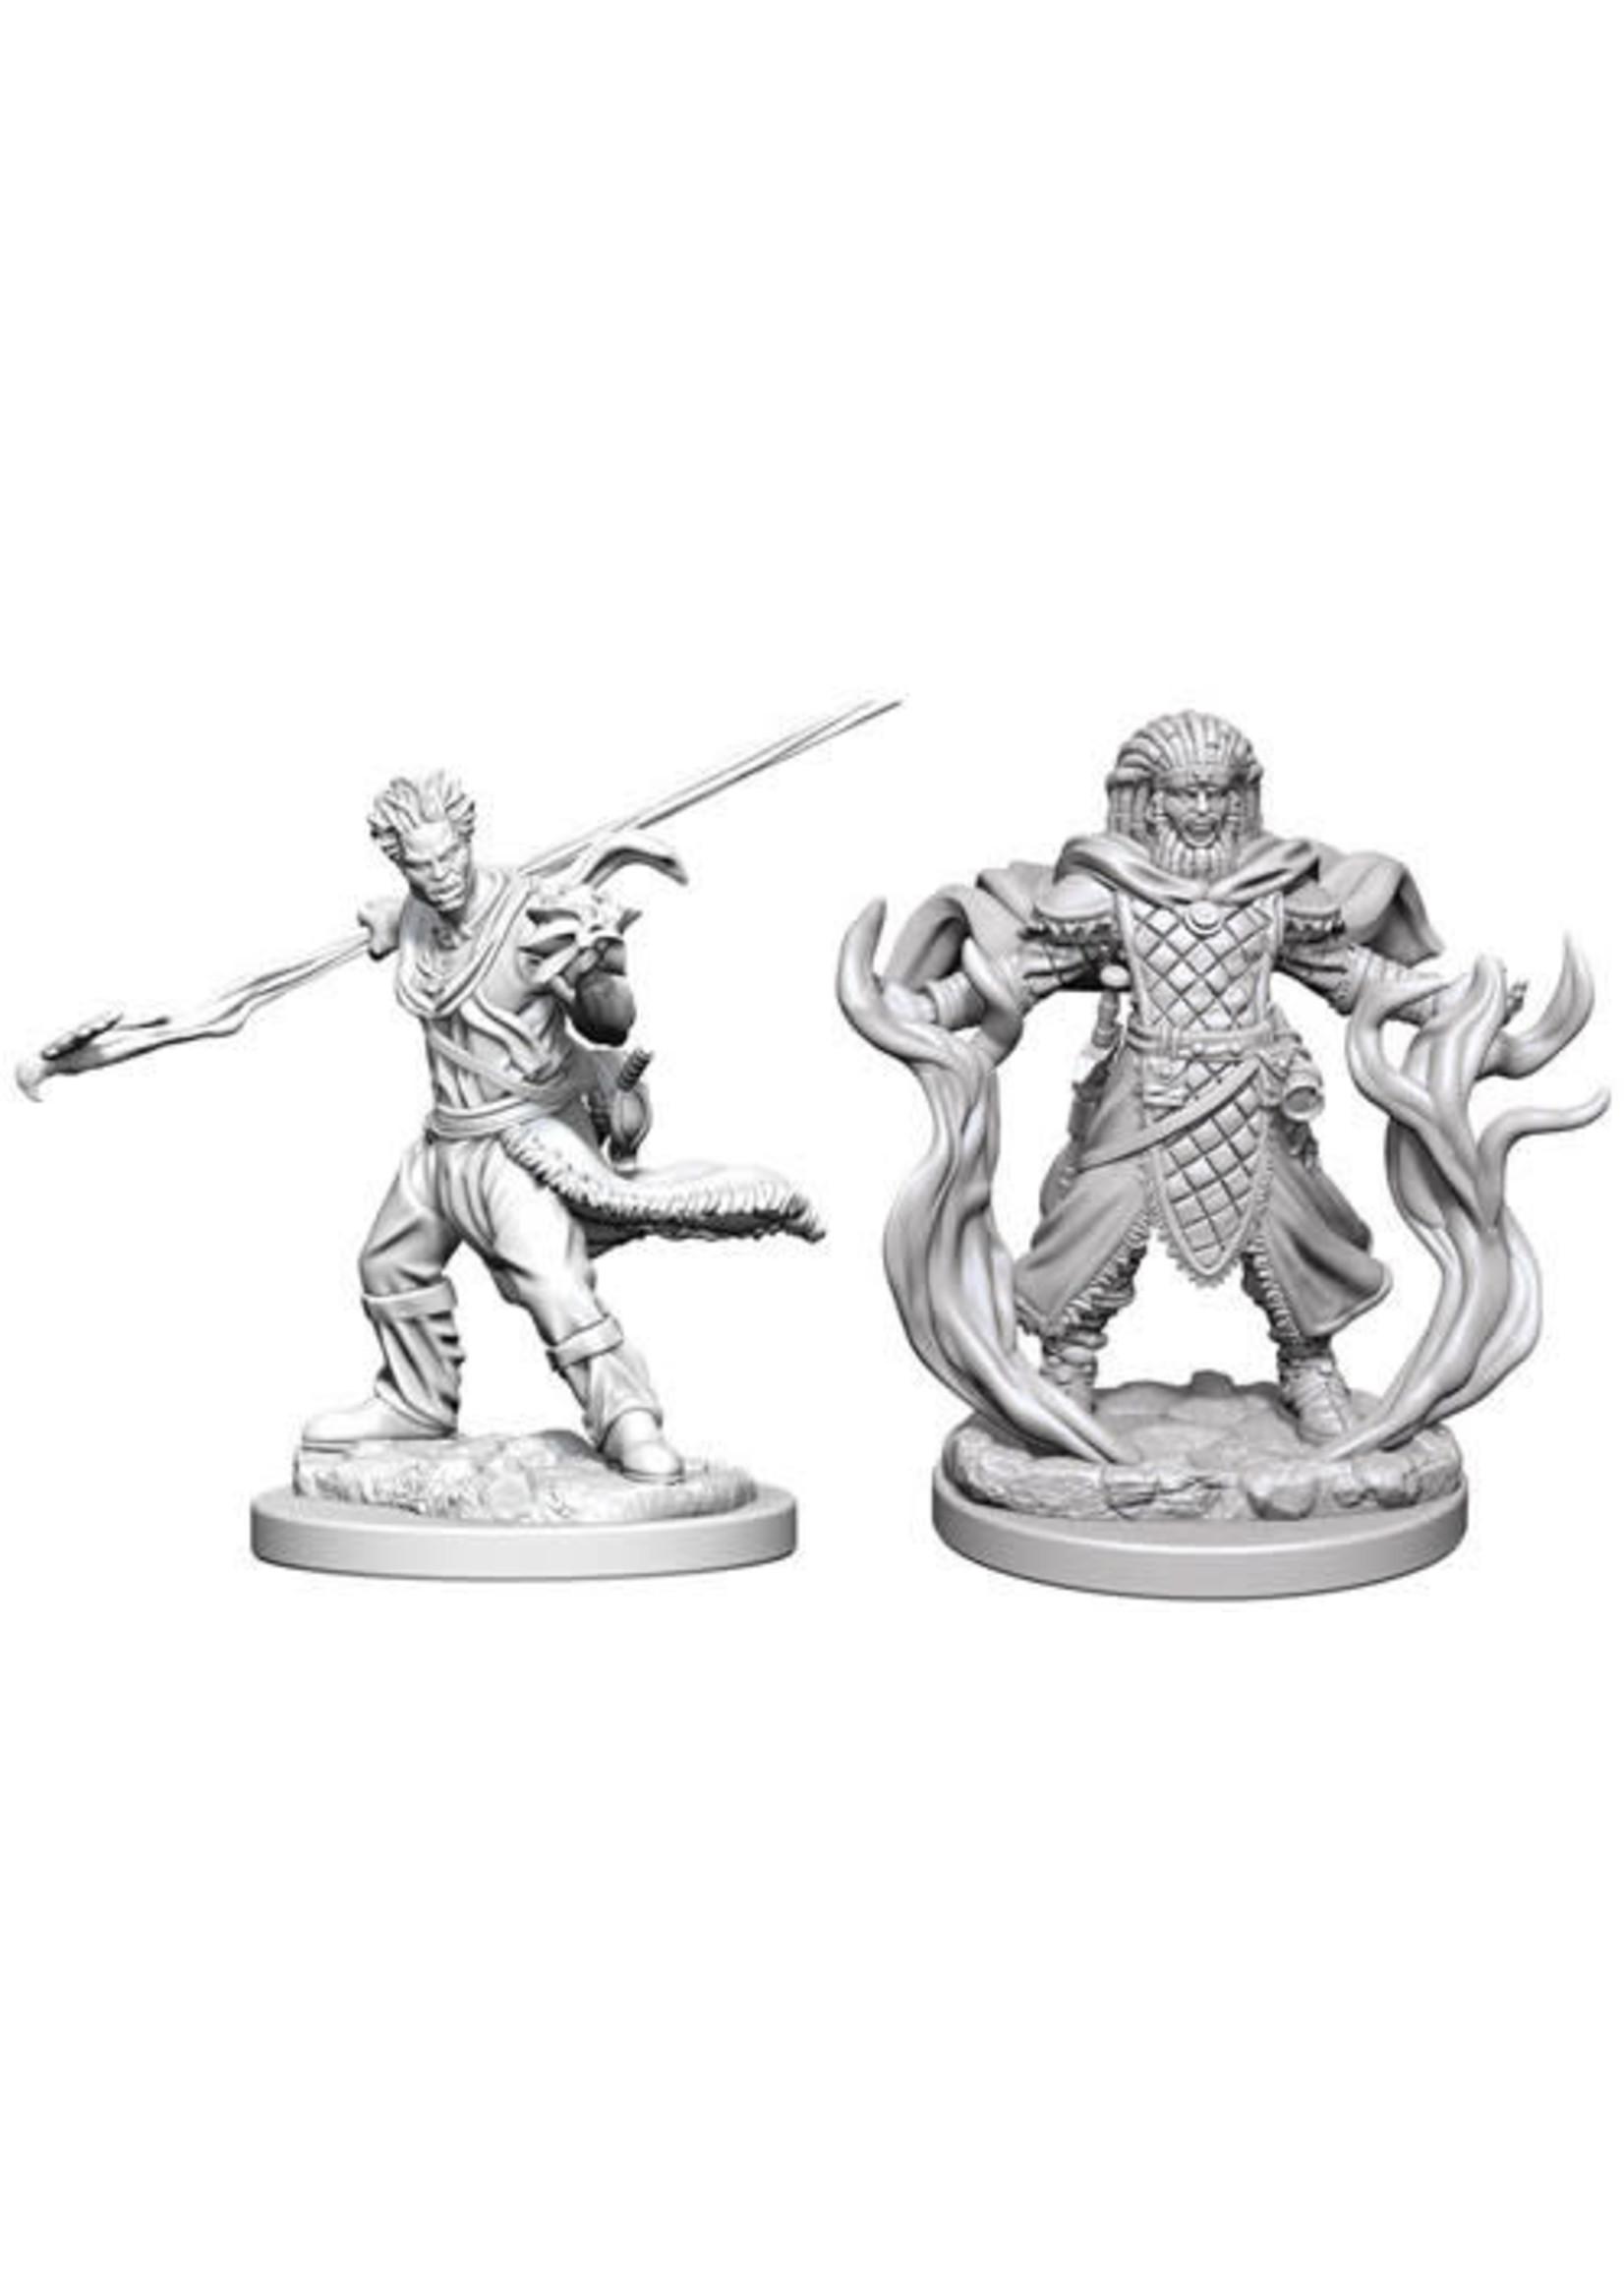 D&D Unpainted Minis: Human Male Druid (Wave 3)